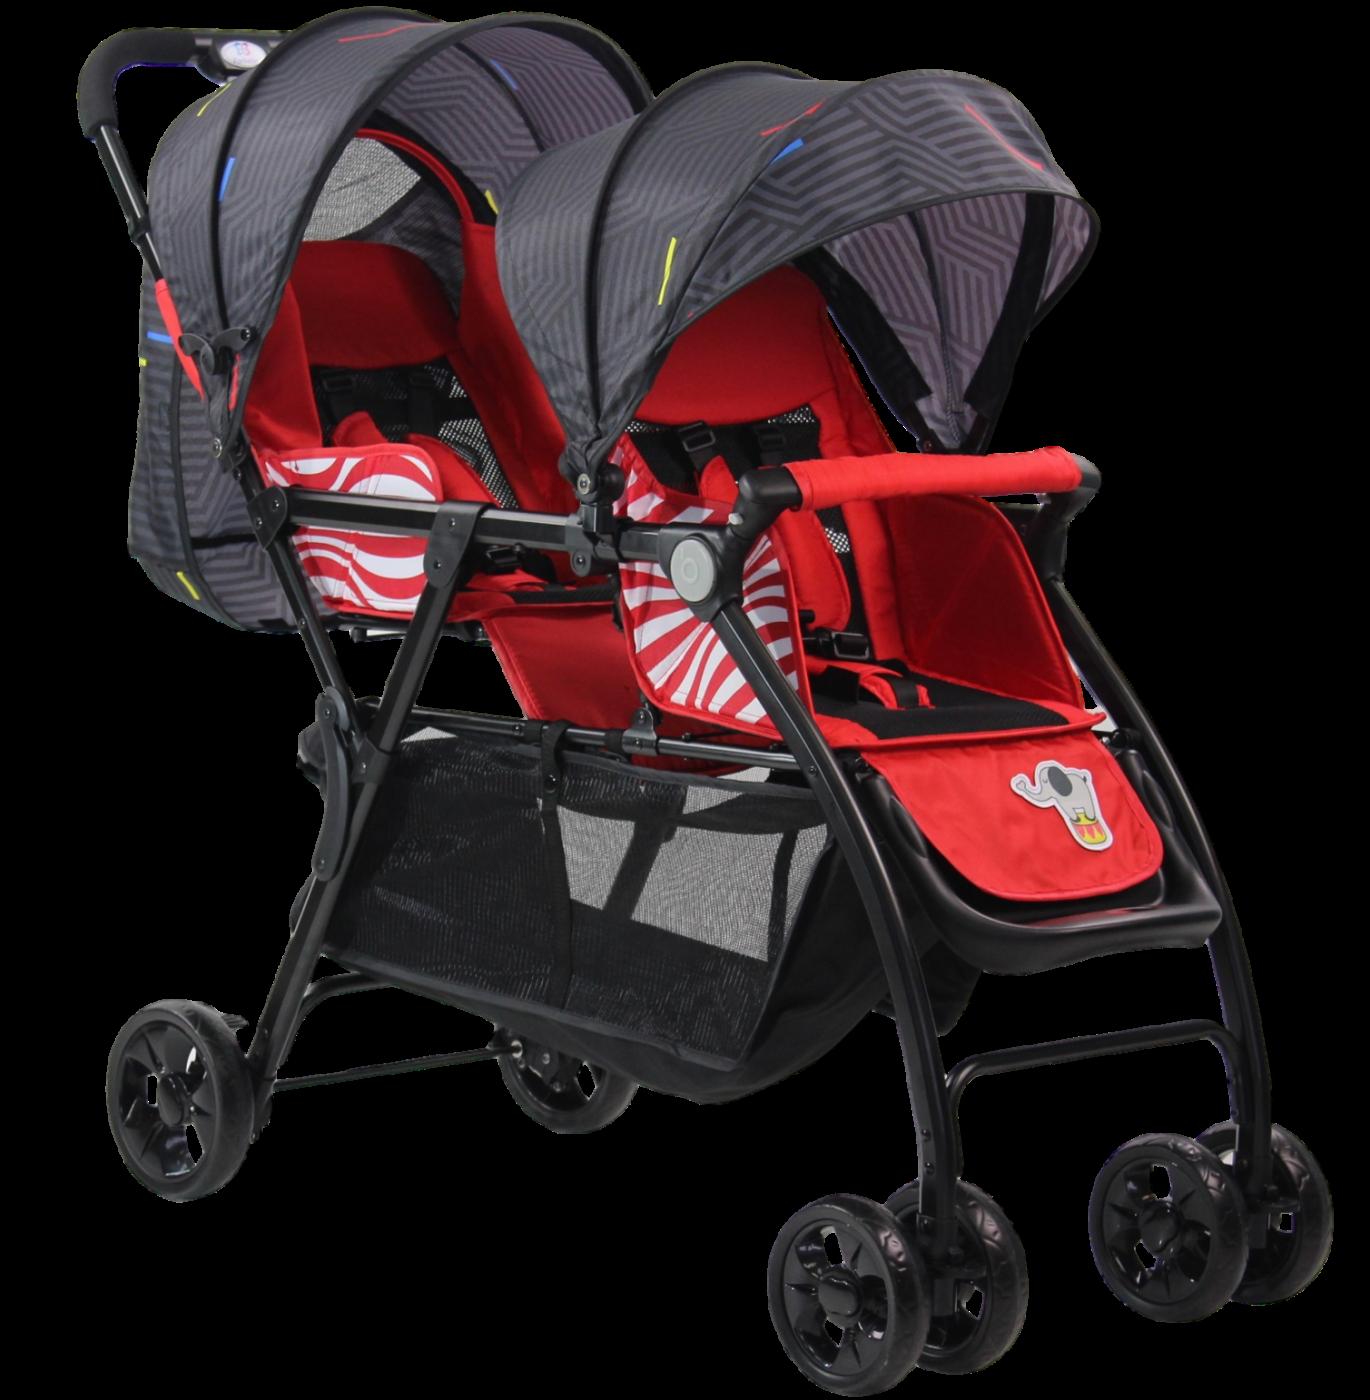 Детская прогулочная коляска для двойни (2020) Vivid Plus красный